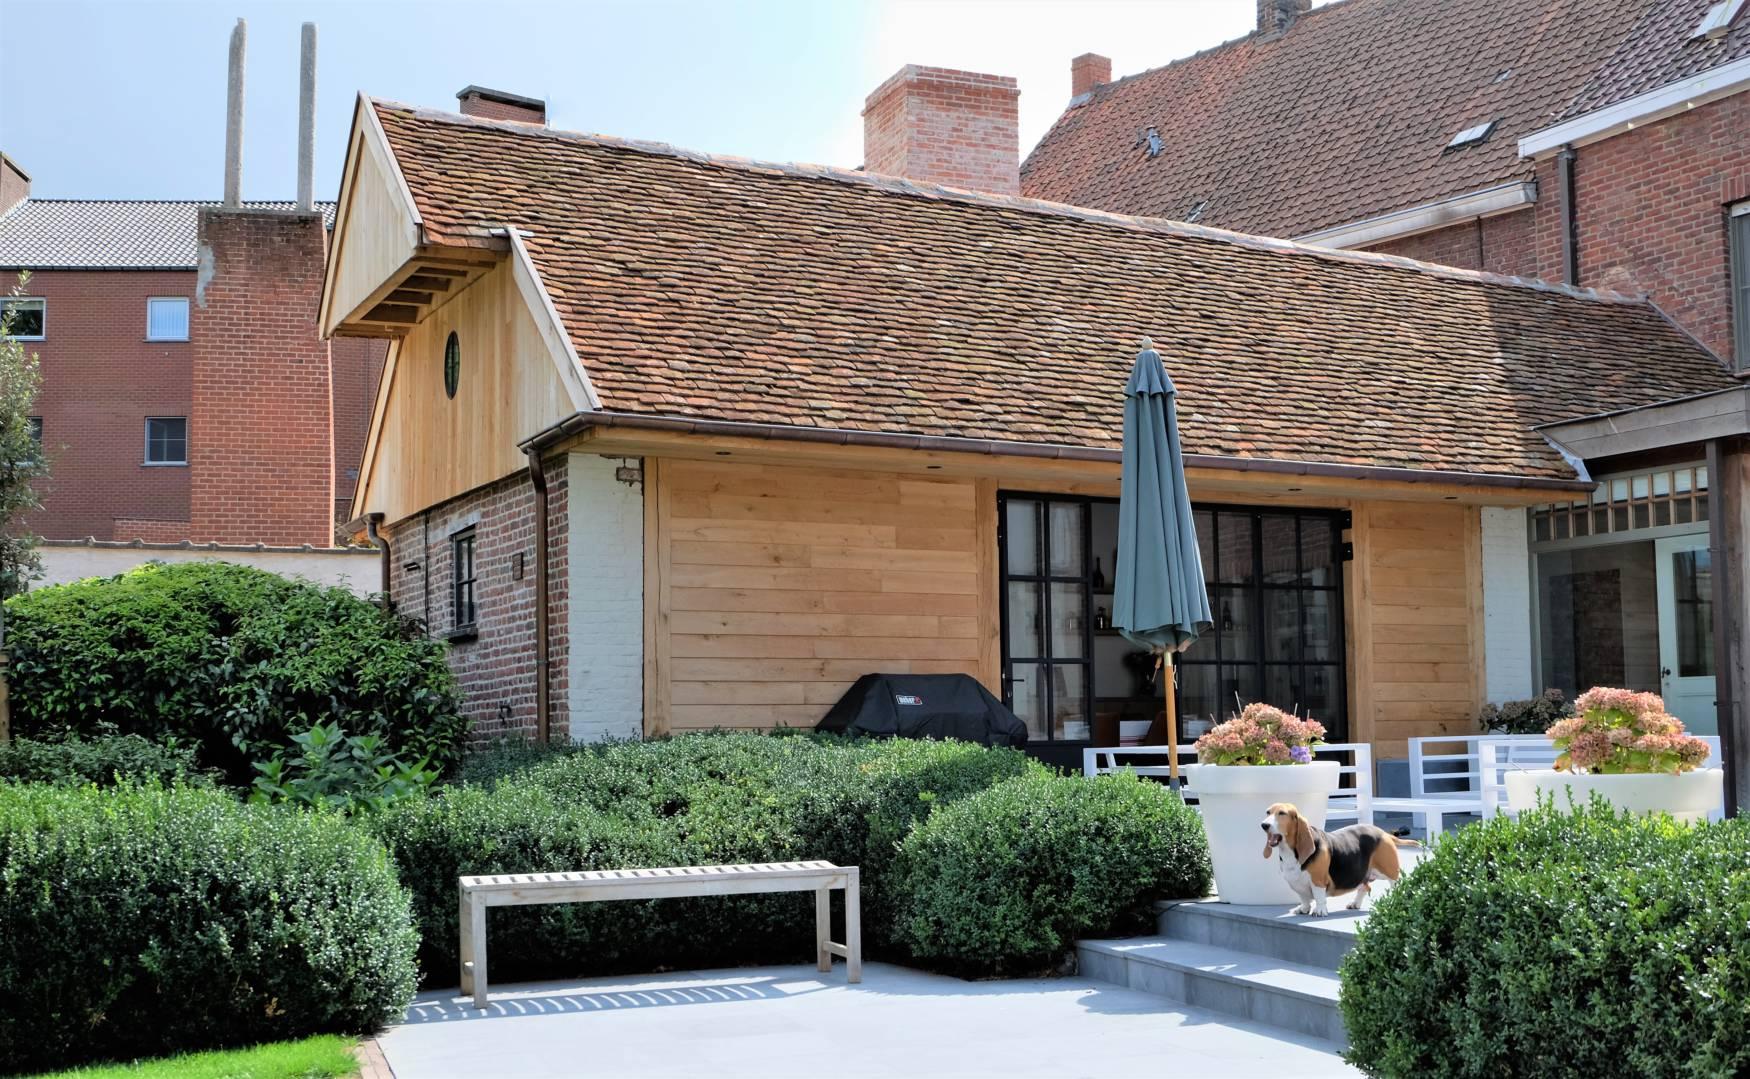 Landelijke aanbouw houten carports carport aanbouw carport garage en tuinhuis pinterest car - Uitbreiding stenen huis ...